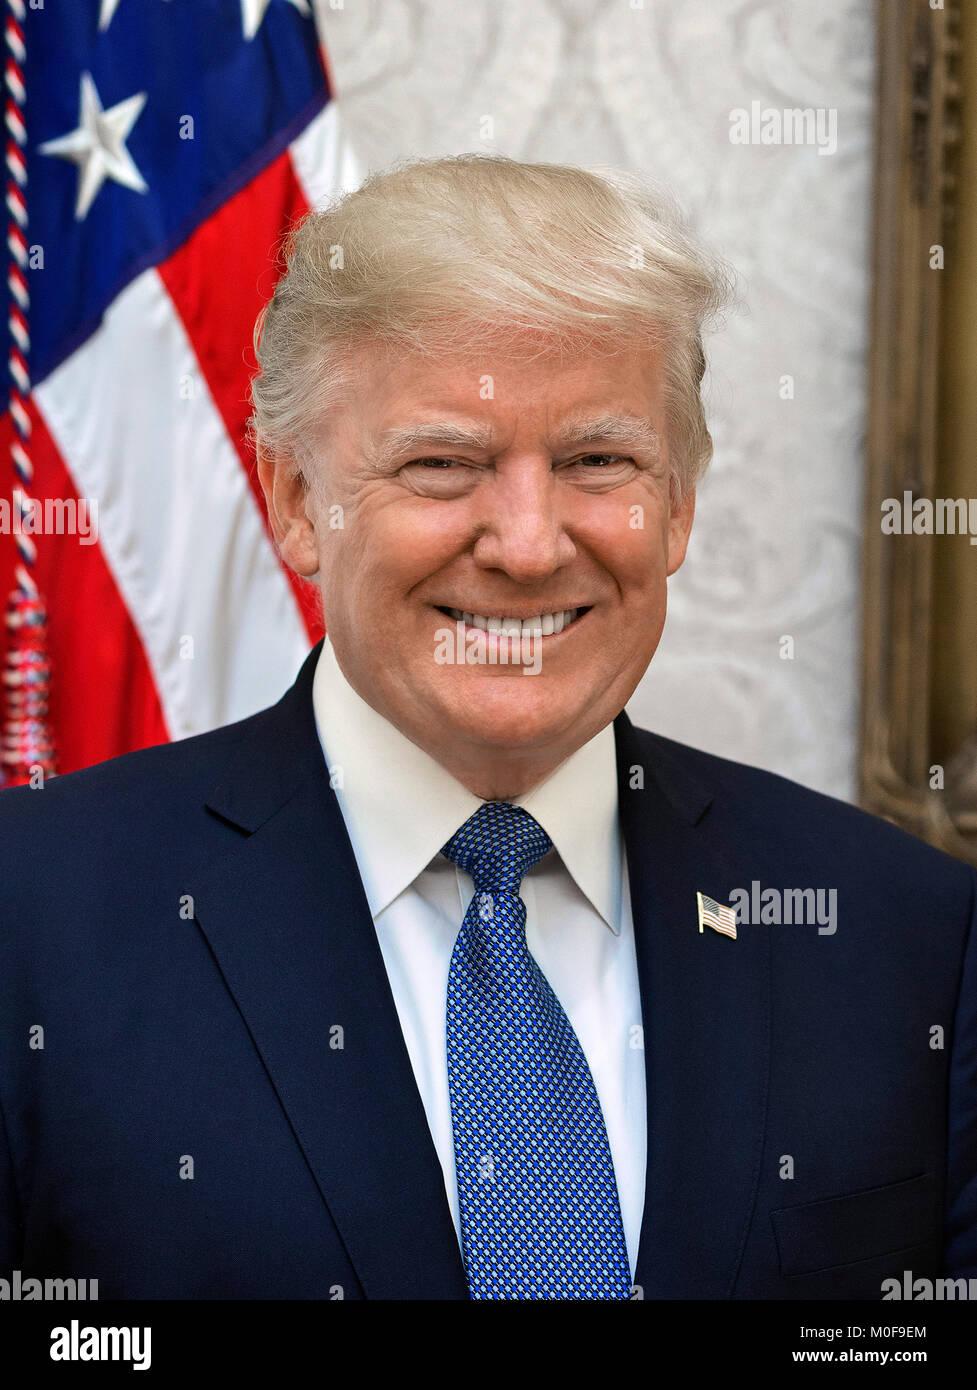 Donald Trump (1946-). Offizielle Weiße Haus Porträt des 45. Präsident der Vereinigten Staaten, 2017. Stockbild